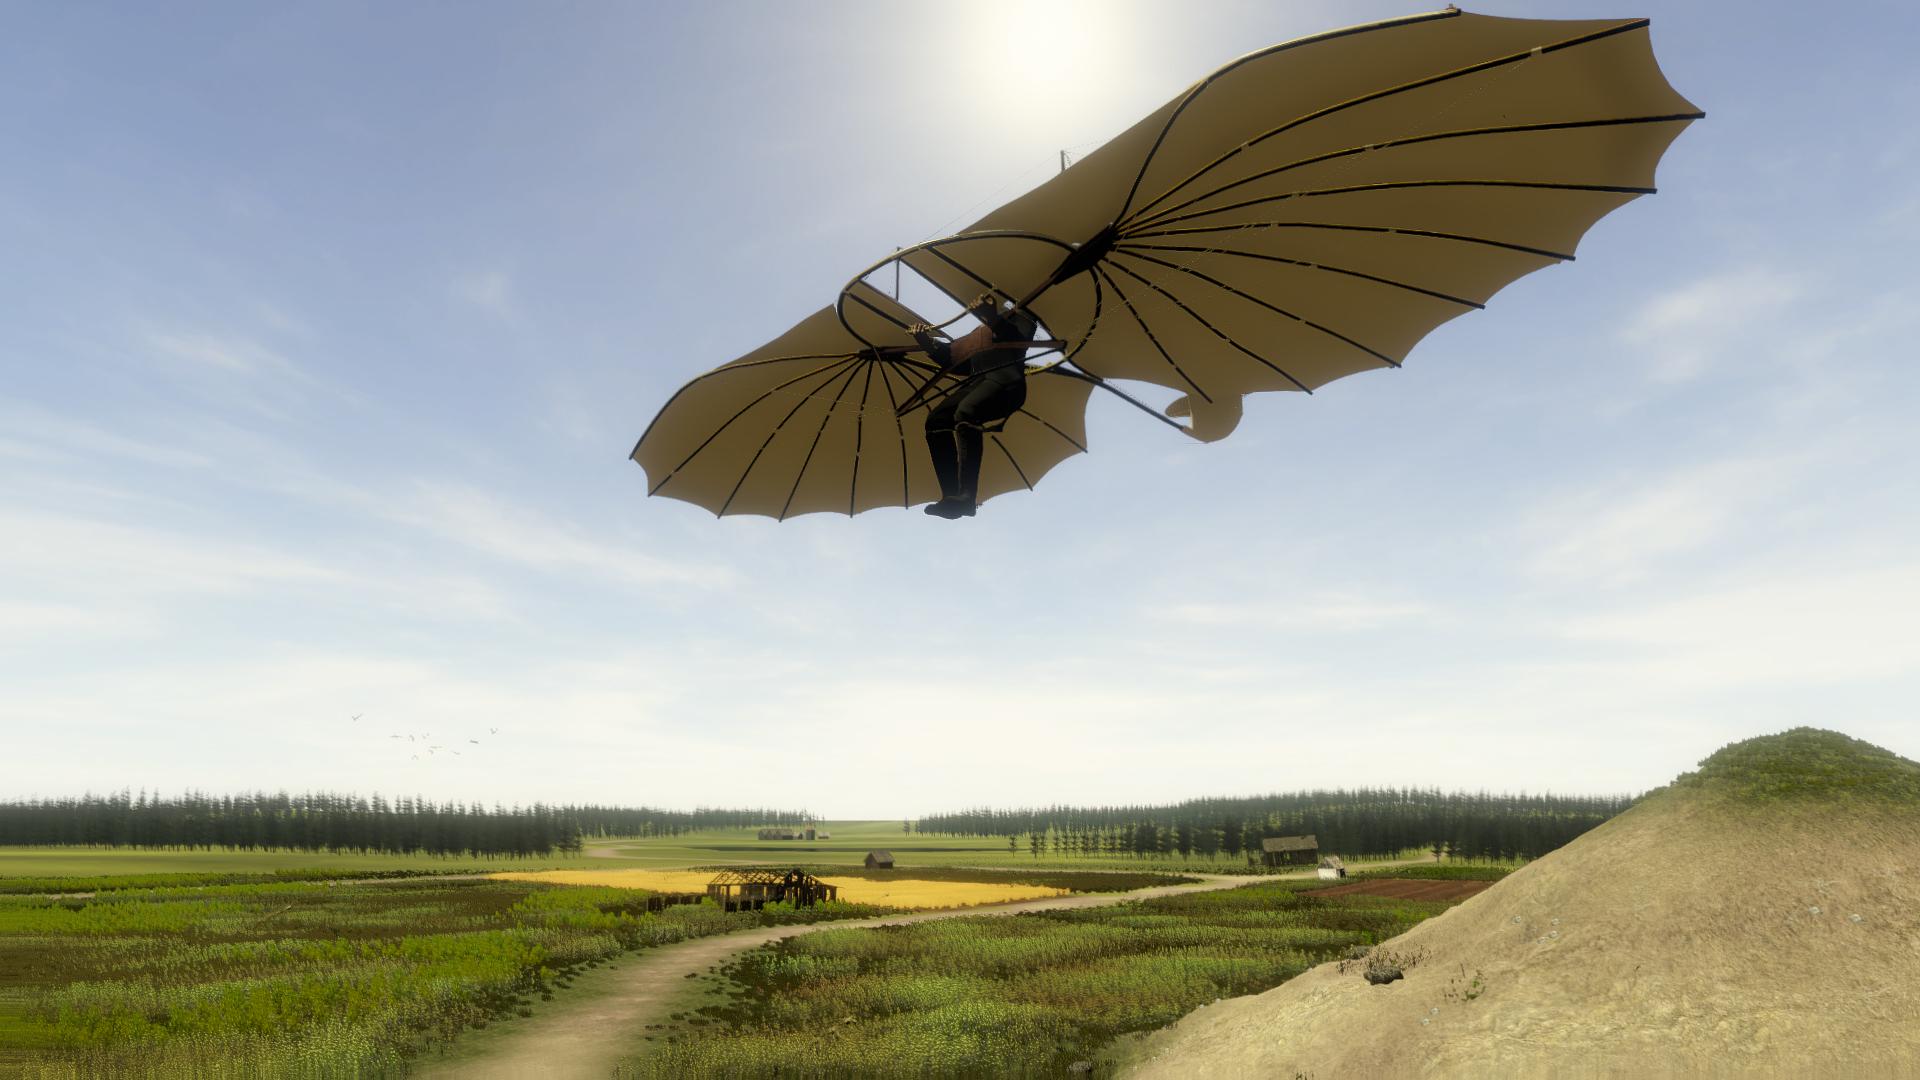 Virtuelles Fliegen von Otto Lilienthals Gleiter